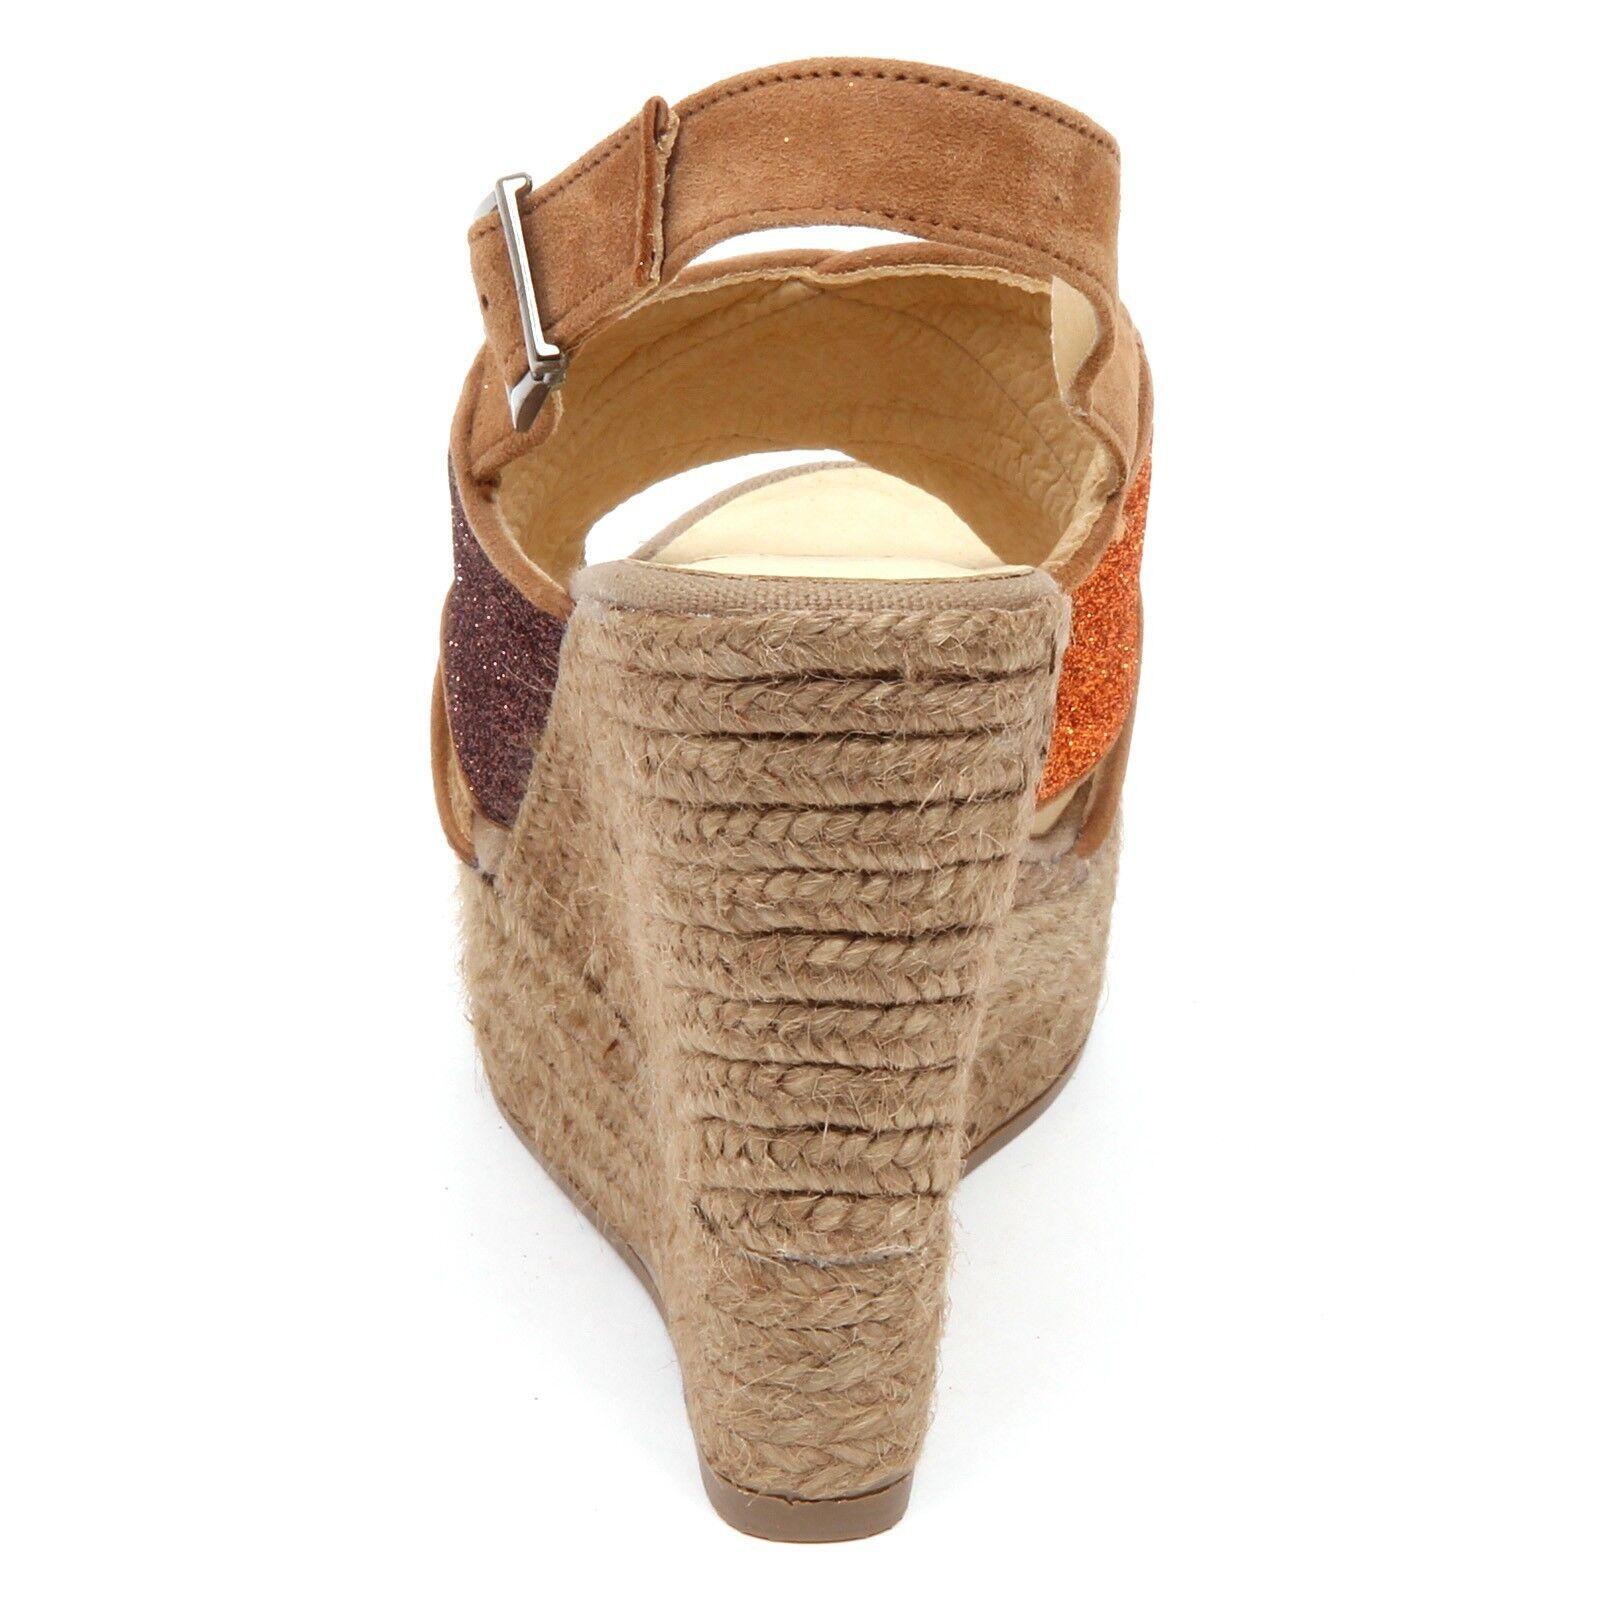 D2560 sandalo donna Marronee Marronee Marronee arancia ESPADRILLES zeppa glitter scarpe woman ee6a00